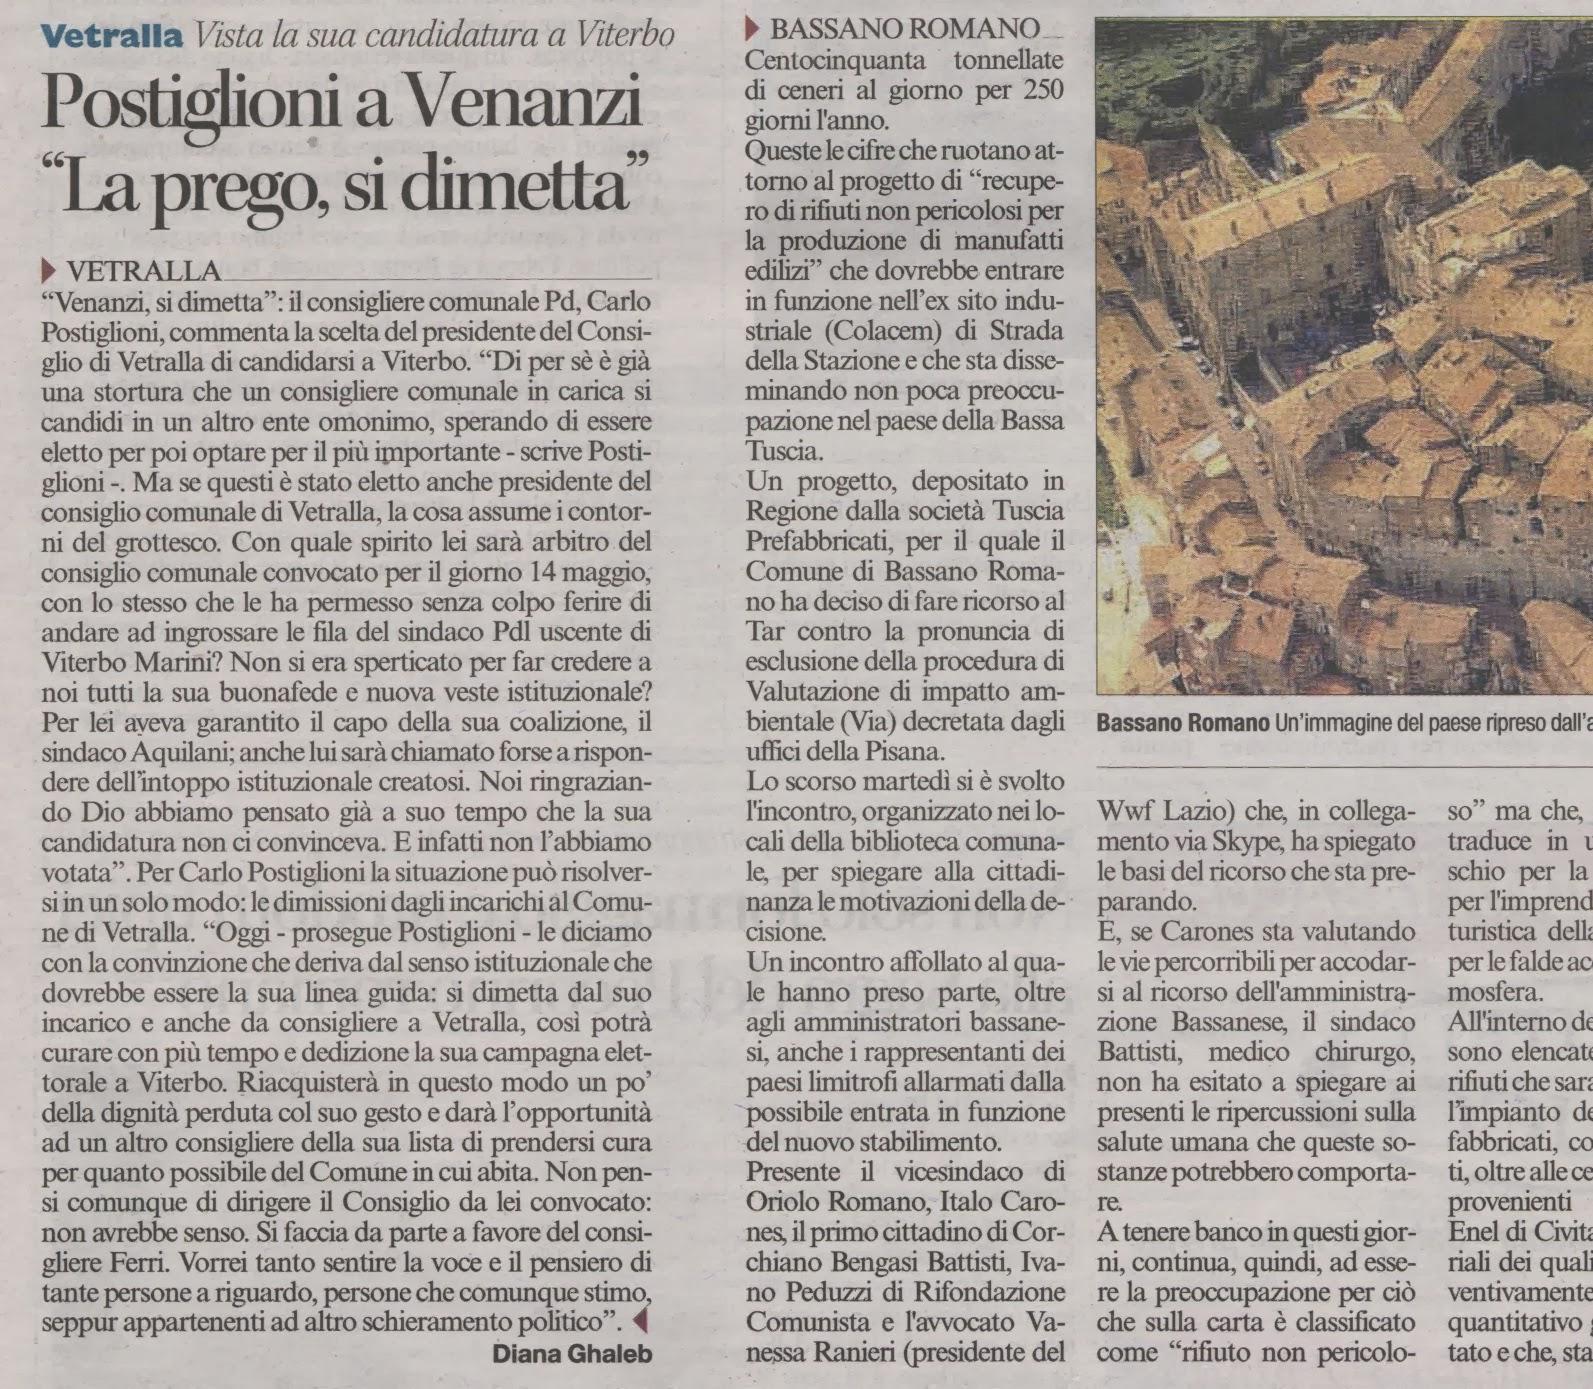 """Vetralla: Postiglione a Venanzi """"La prego, si dimetta"""""""